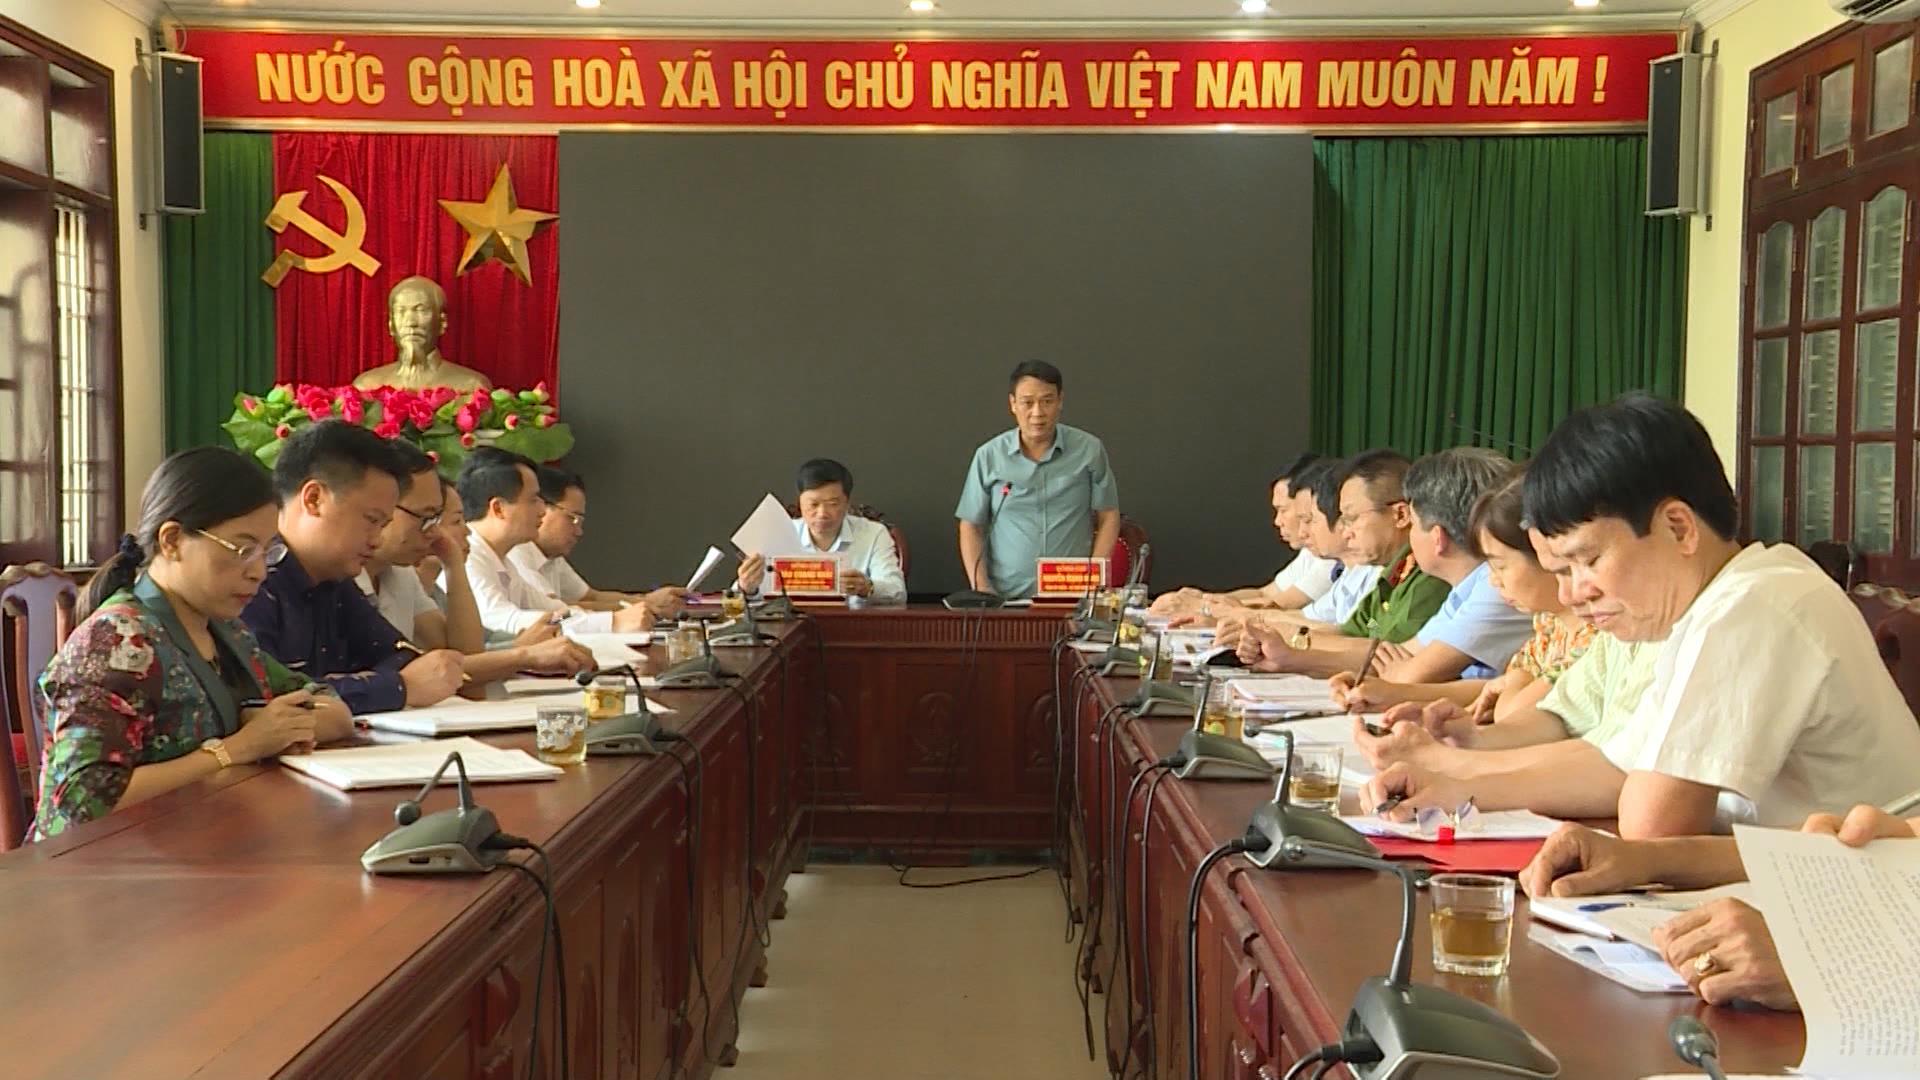 Phó Chủ tịch UBND tỉnh Đào Quang Khải kiểm tra công tác  chuẩn bị bầu cử tại Thuận Thành